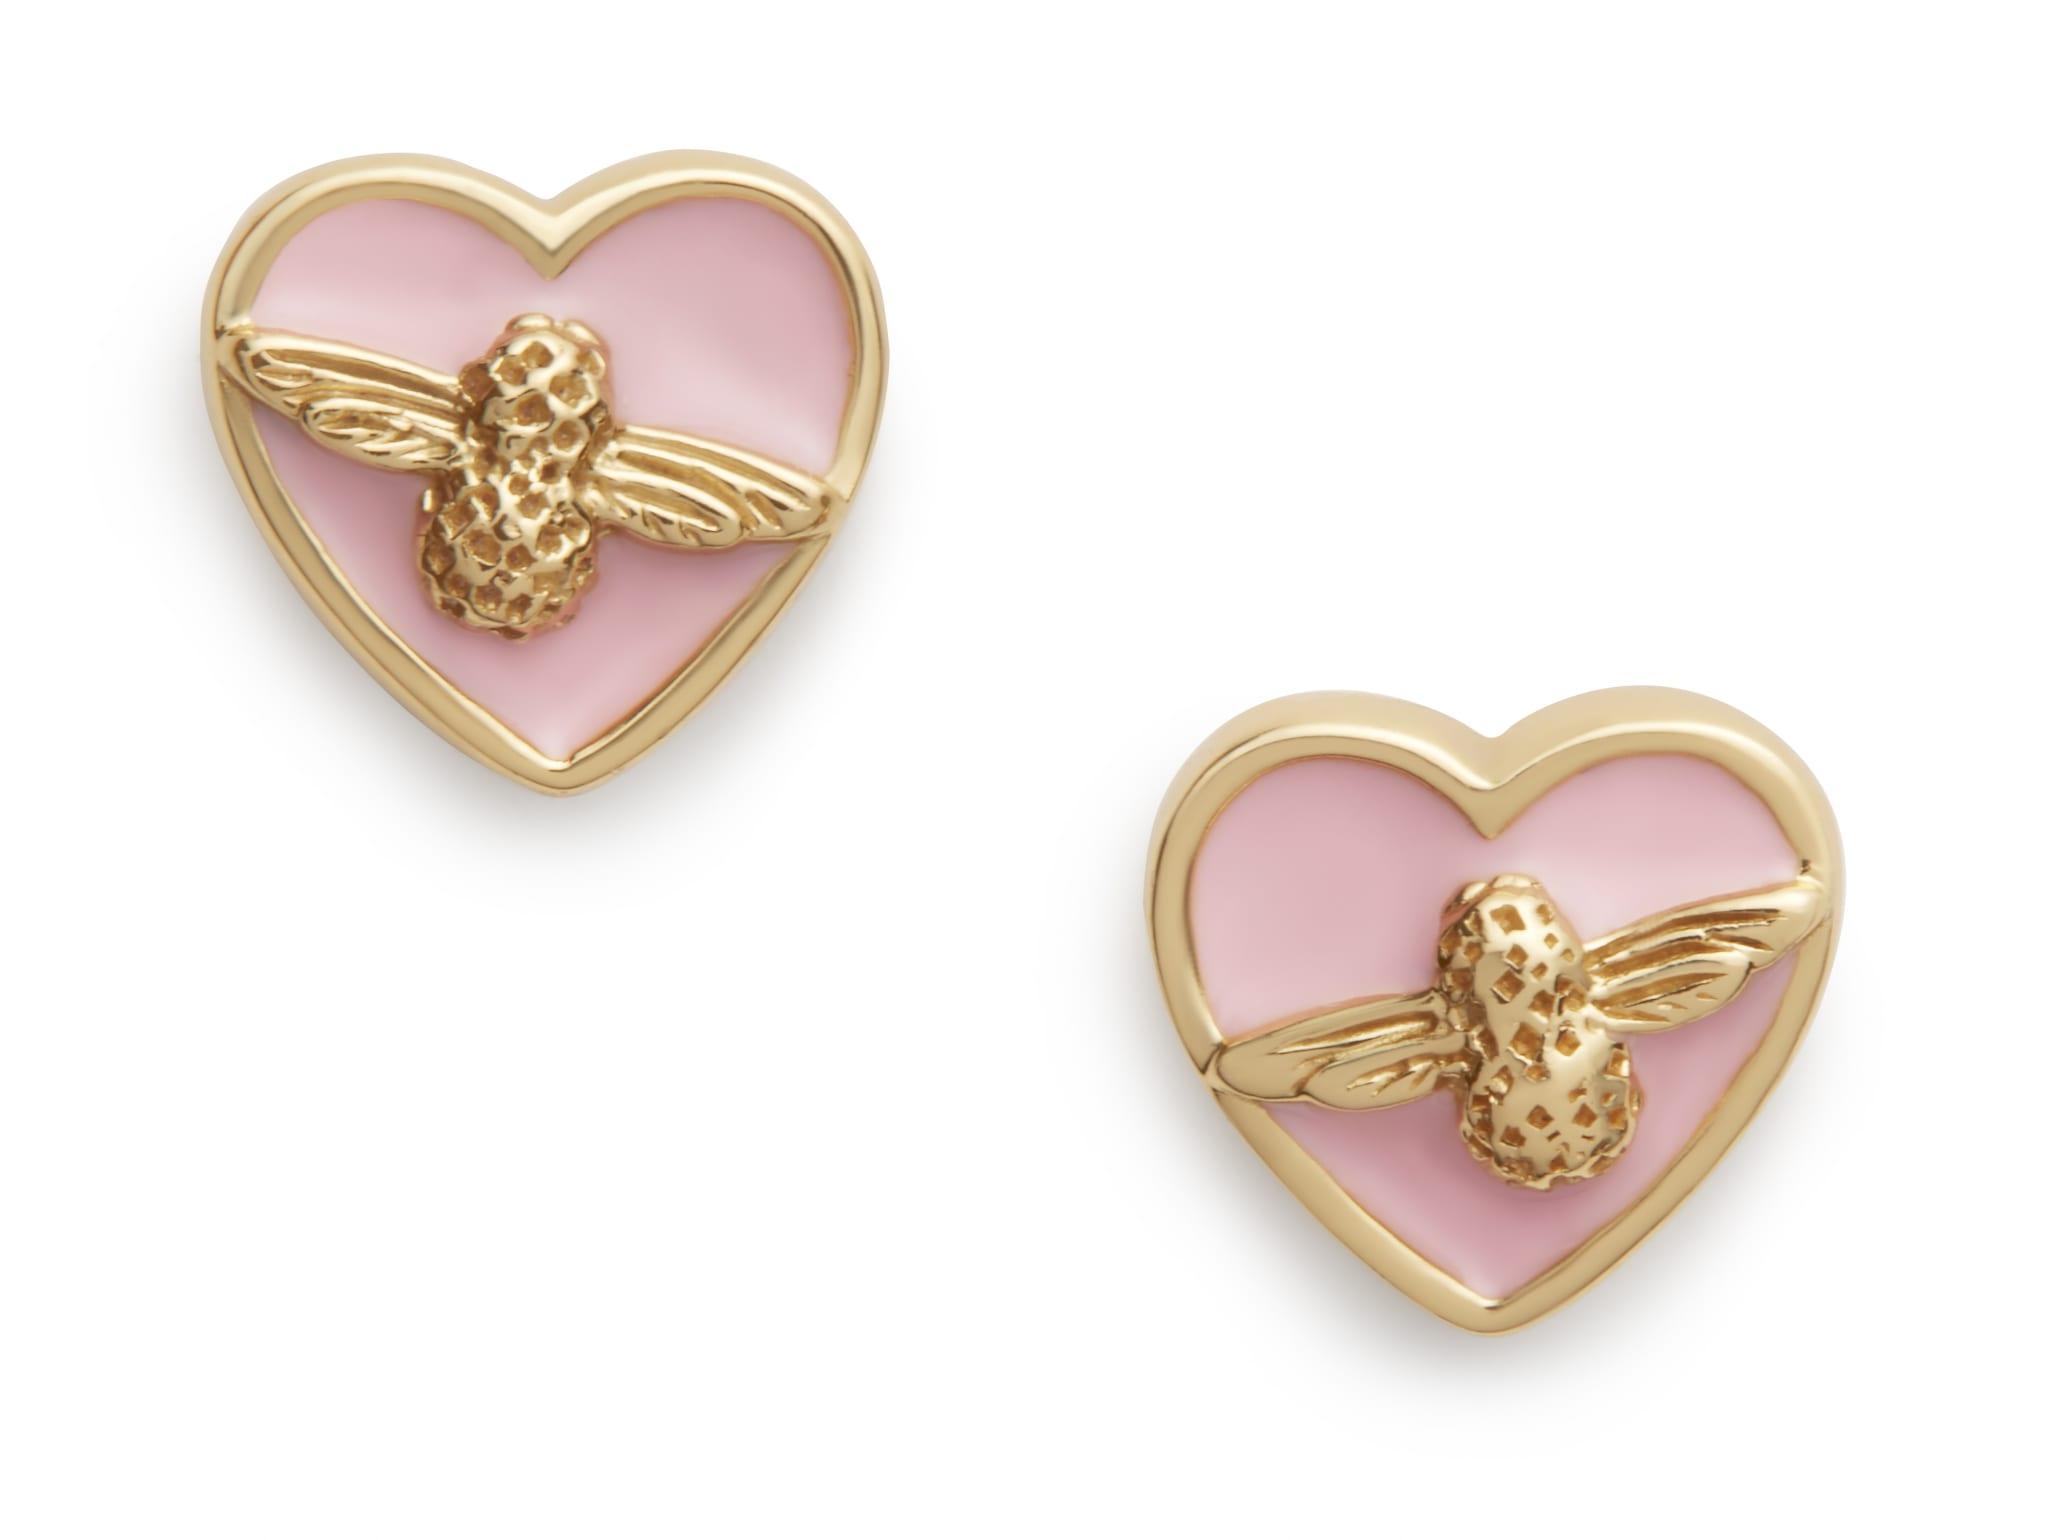 OLIVIA BURTON – OBJLHE12 – LOVE BUG STUDS PINK & GOLD – £40.00 – FRONT